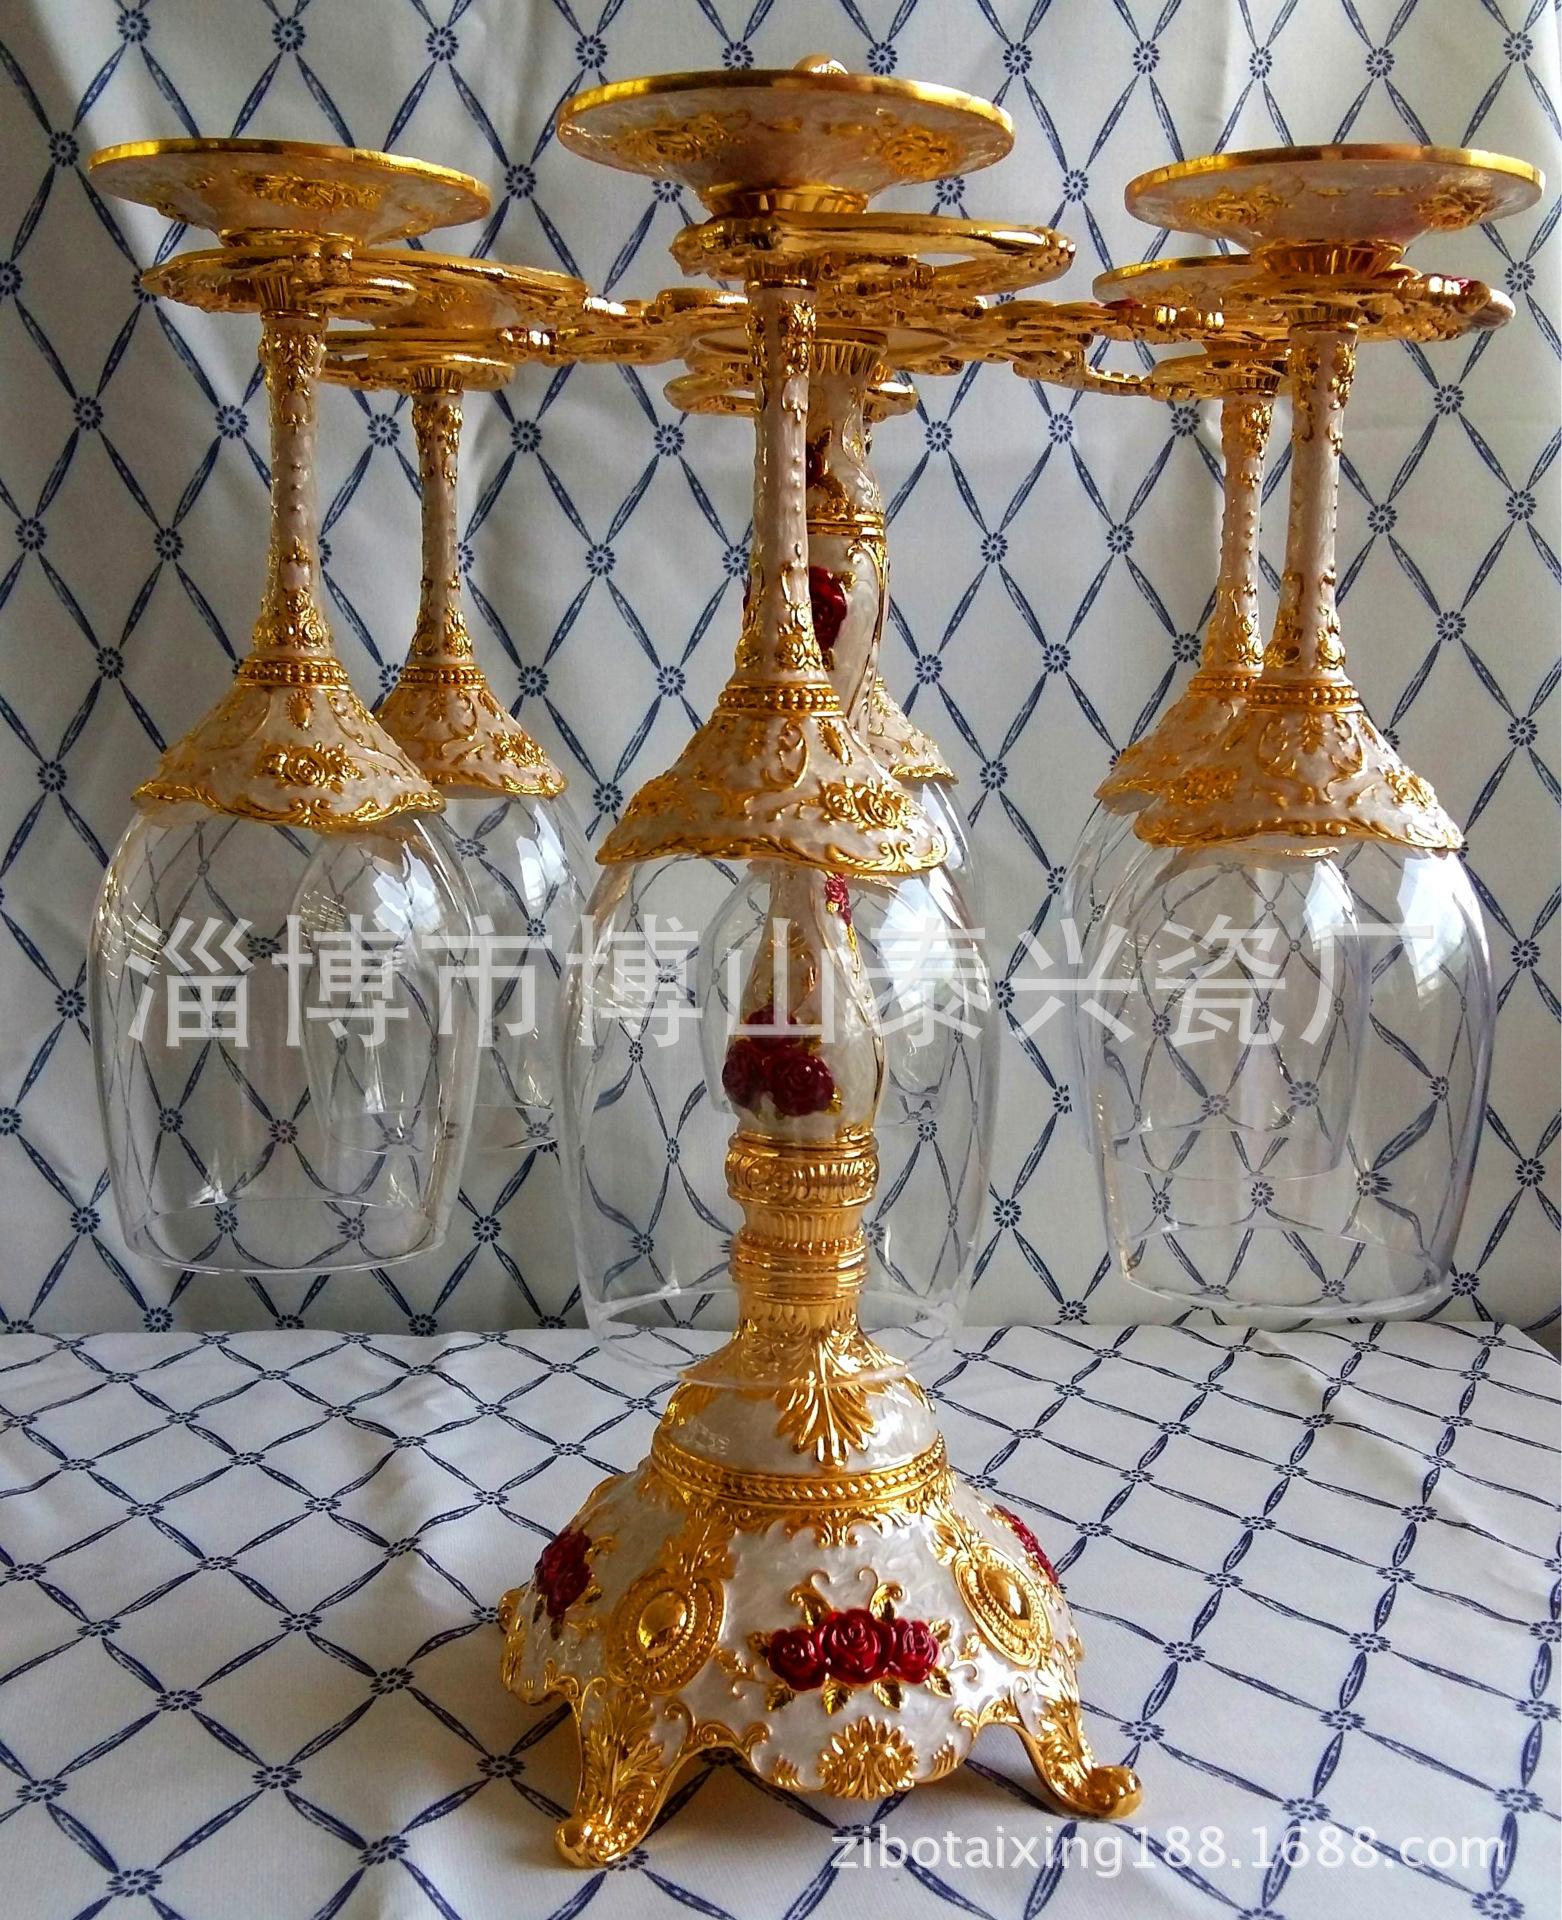 酒杯高脚杯婚礼酒杯欧式红酒架酒杯复古锡合金红酒架